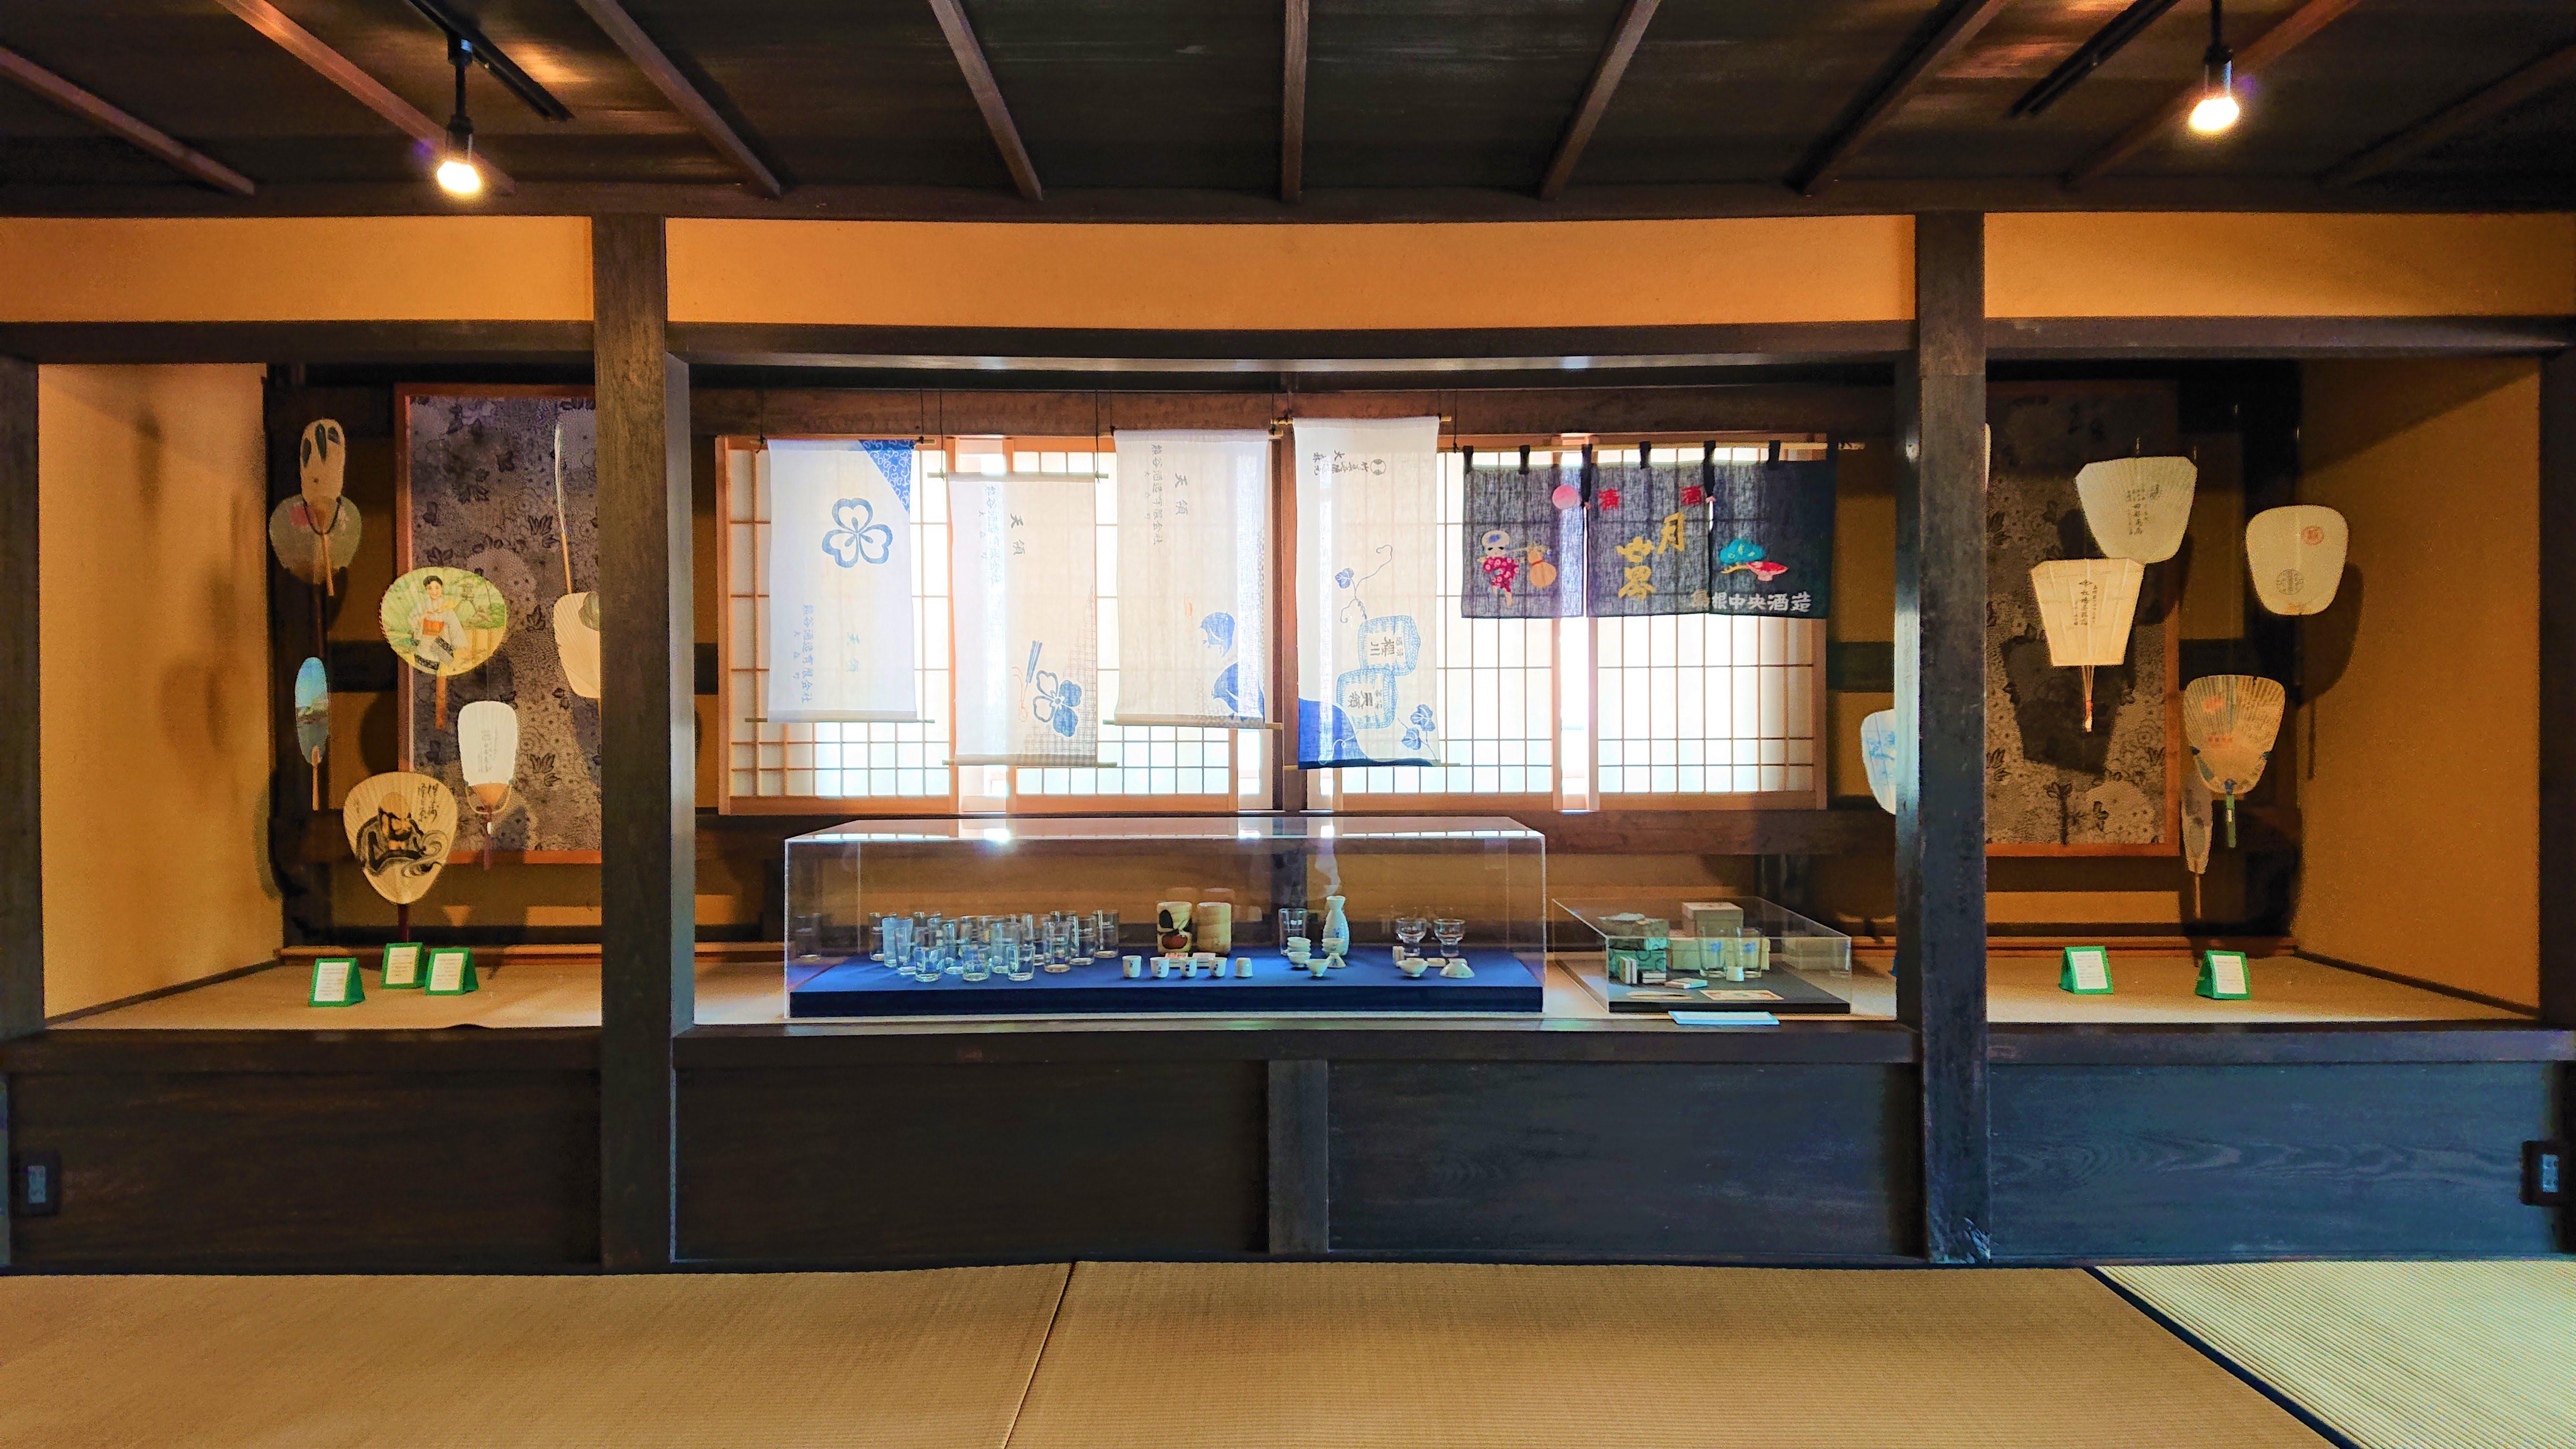 スポット展示「熊谷家に伝わる販促グッズ」at熊谷家住宅